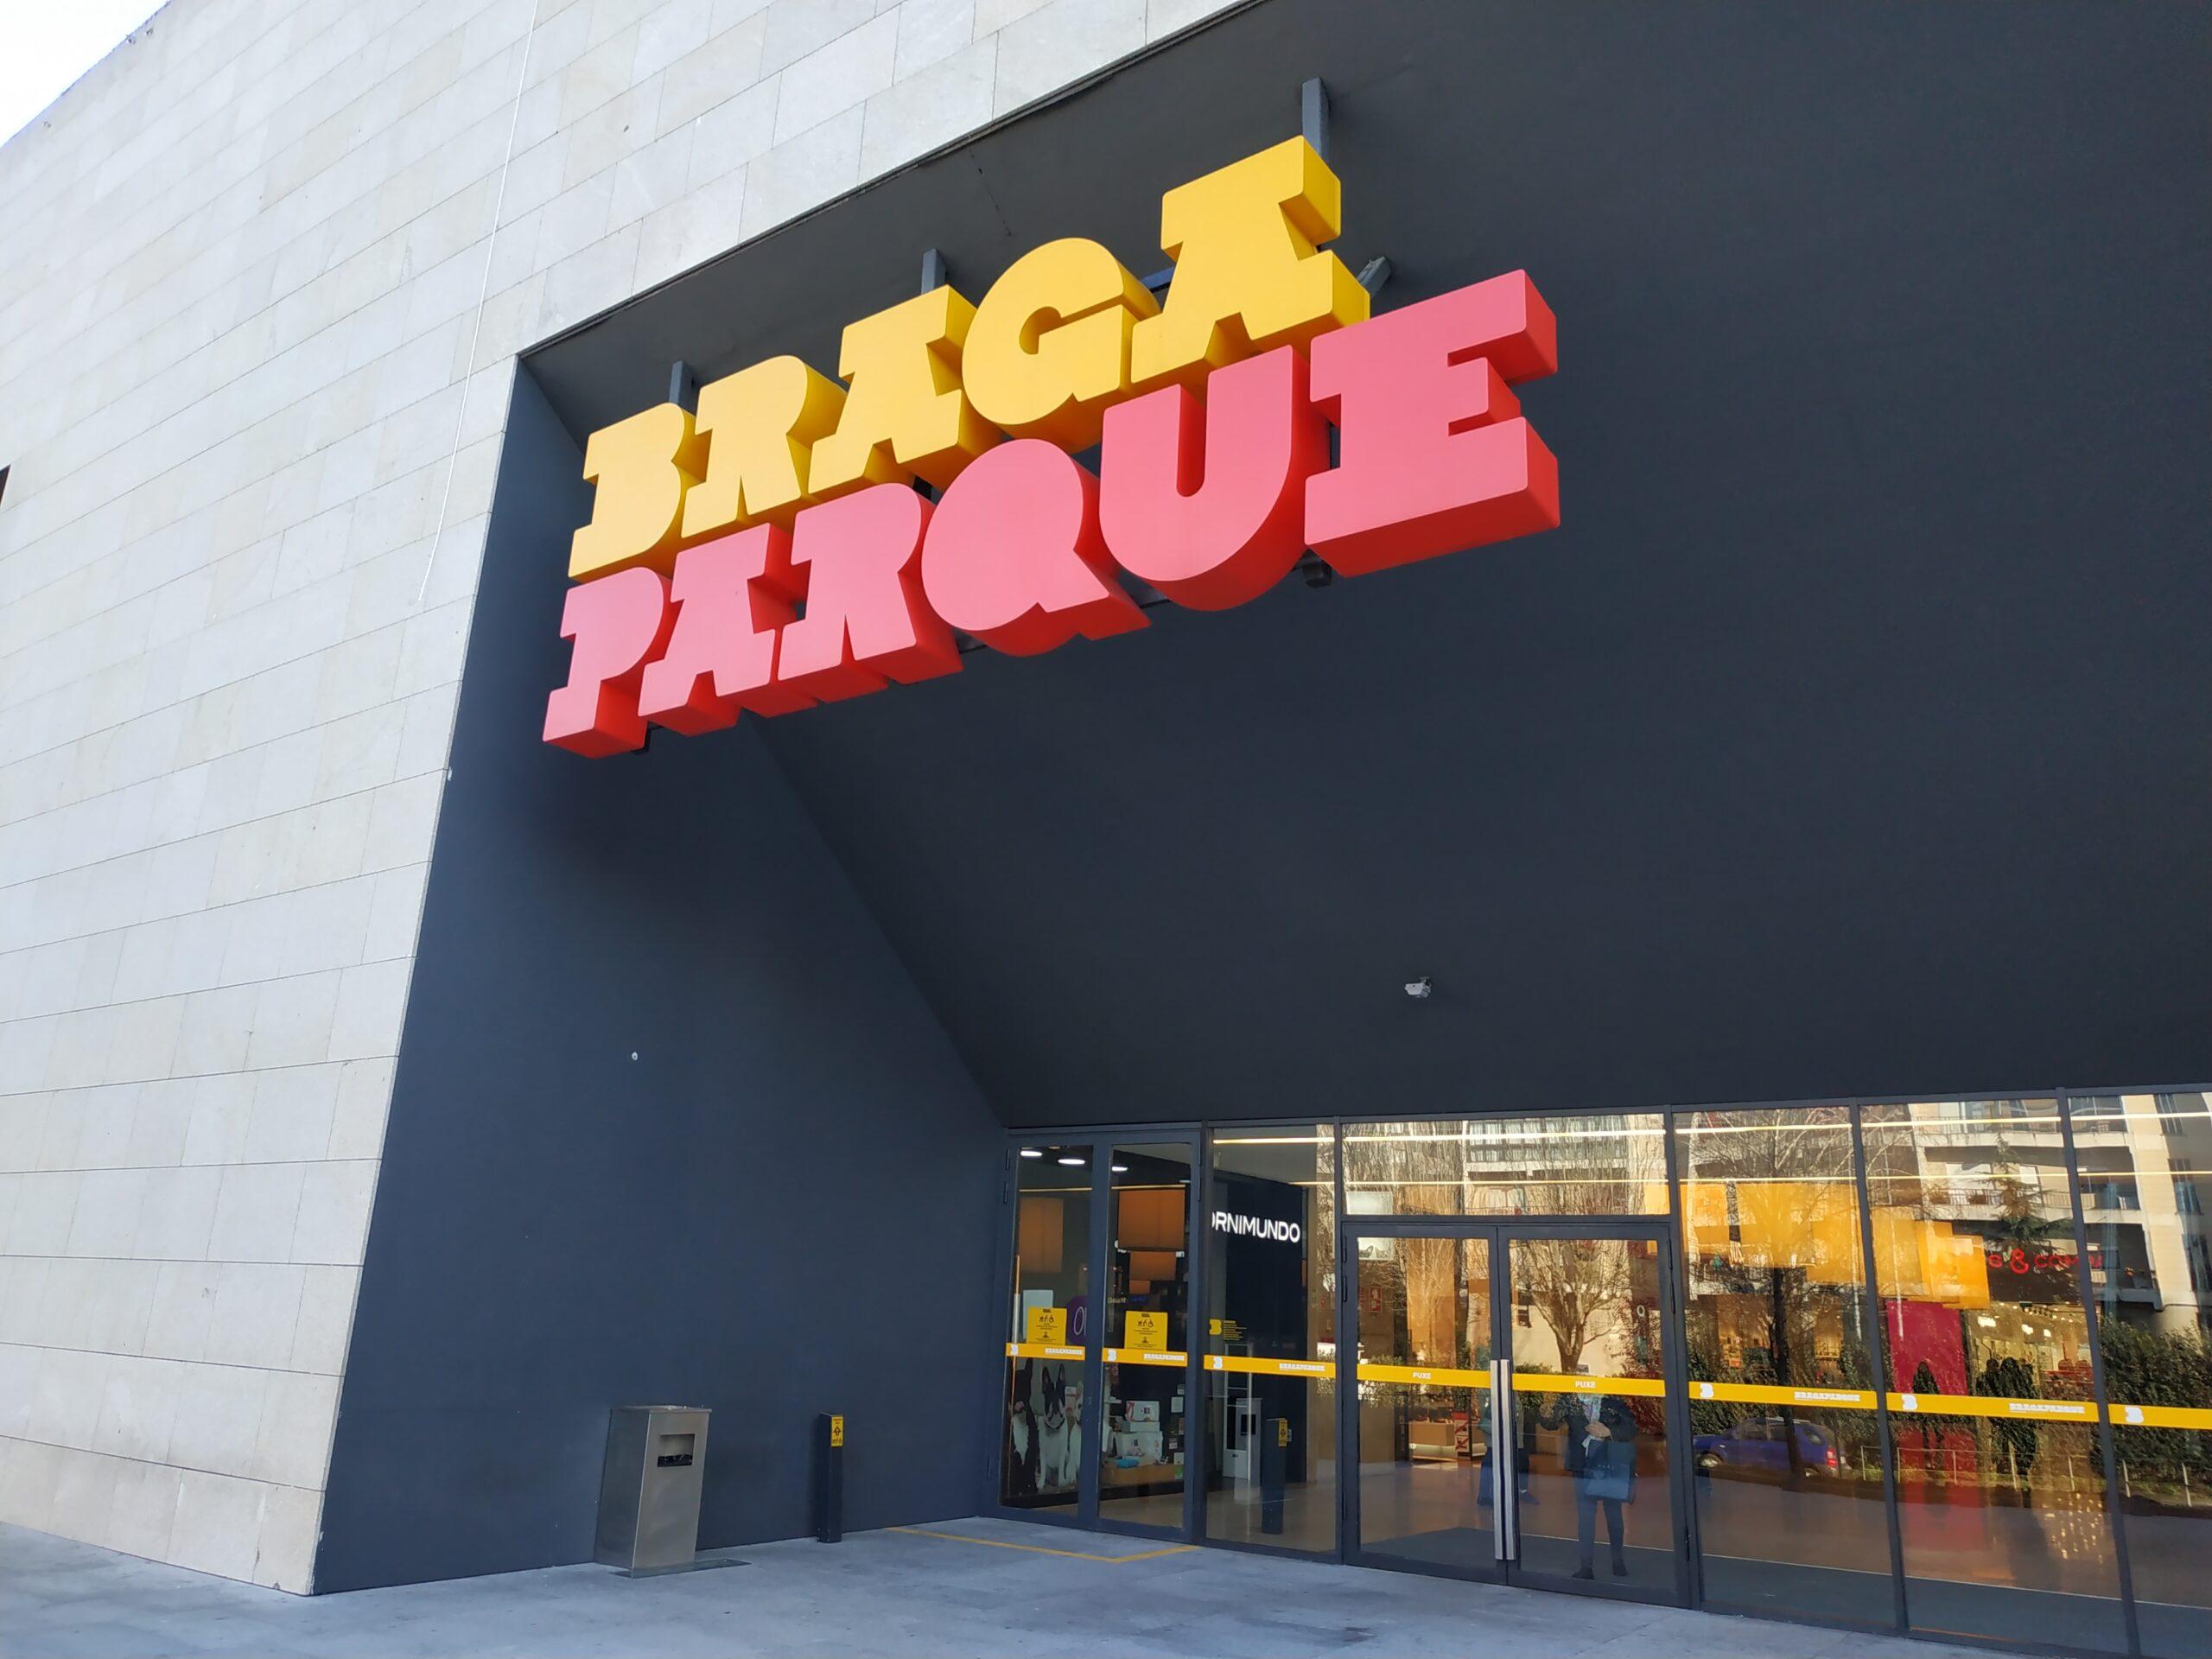 Detidas por furto no Centro Comercial Braga Parque